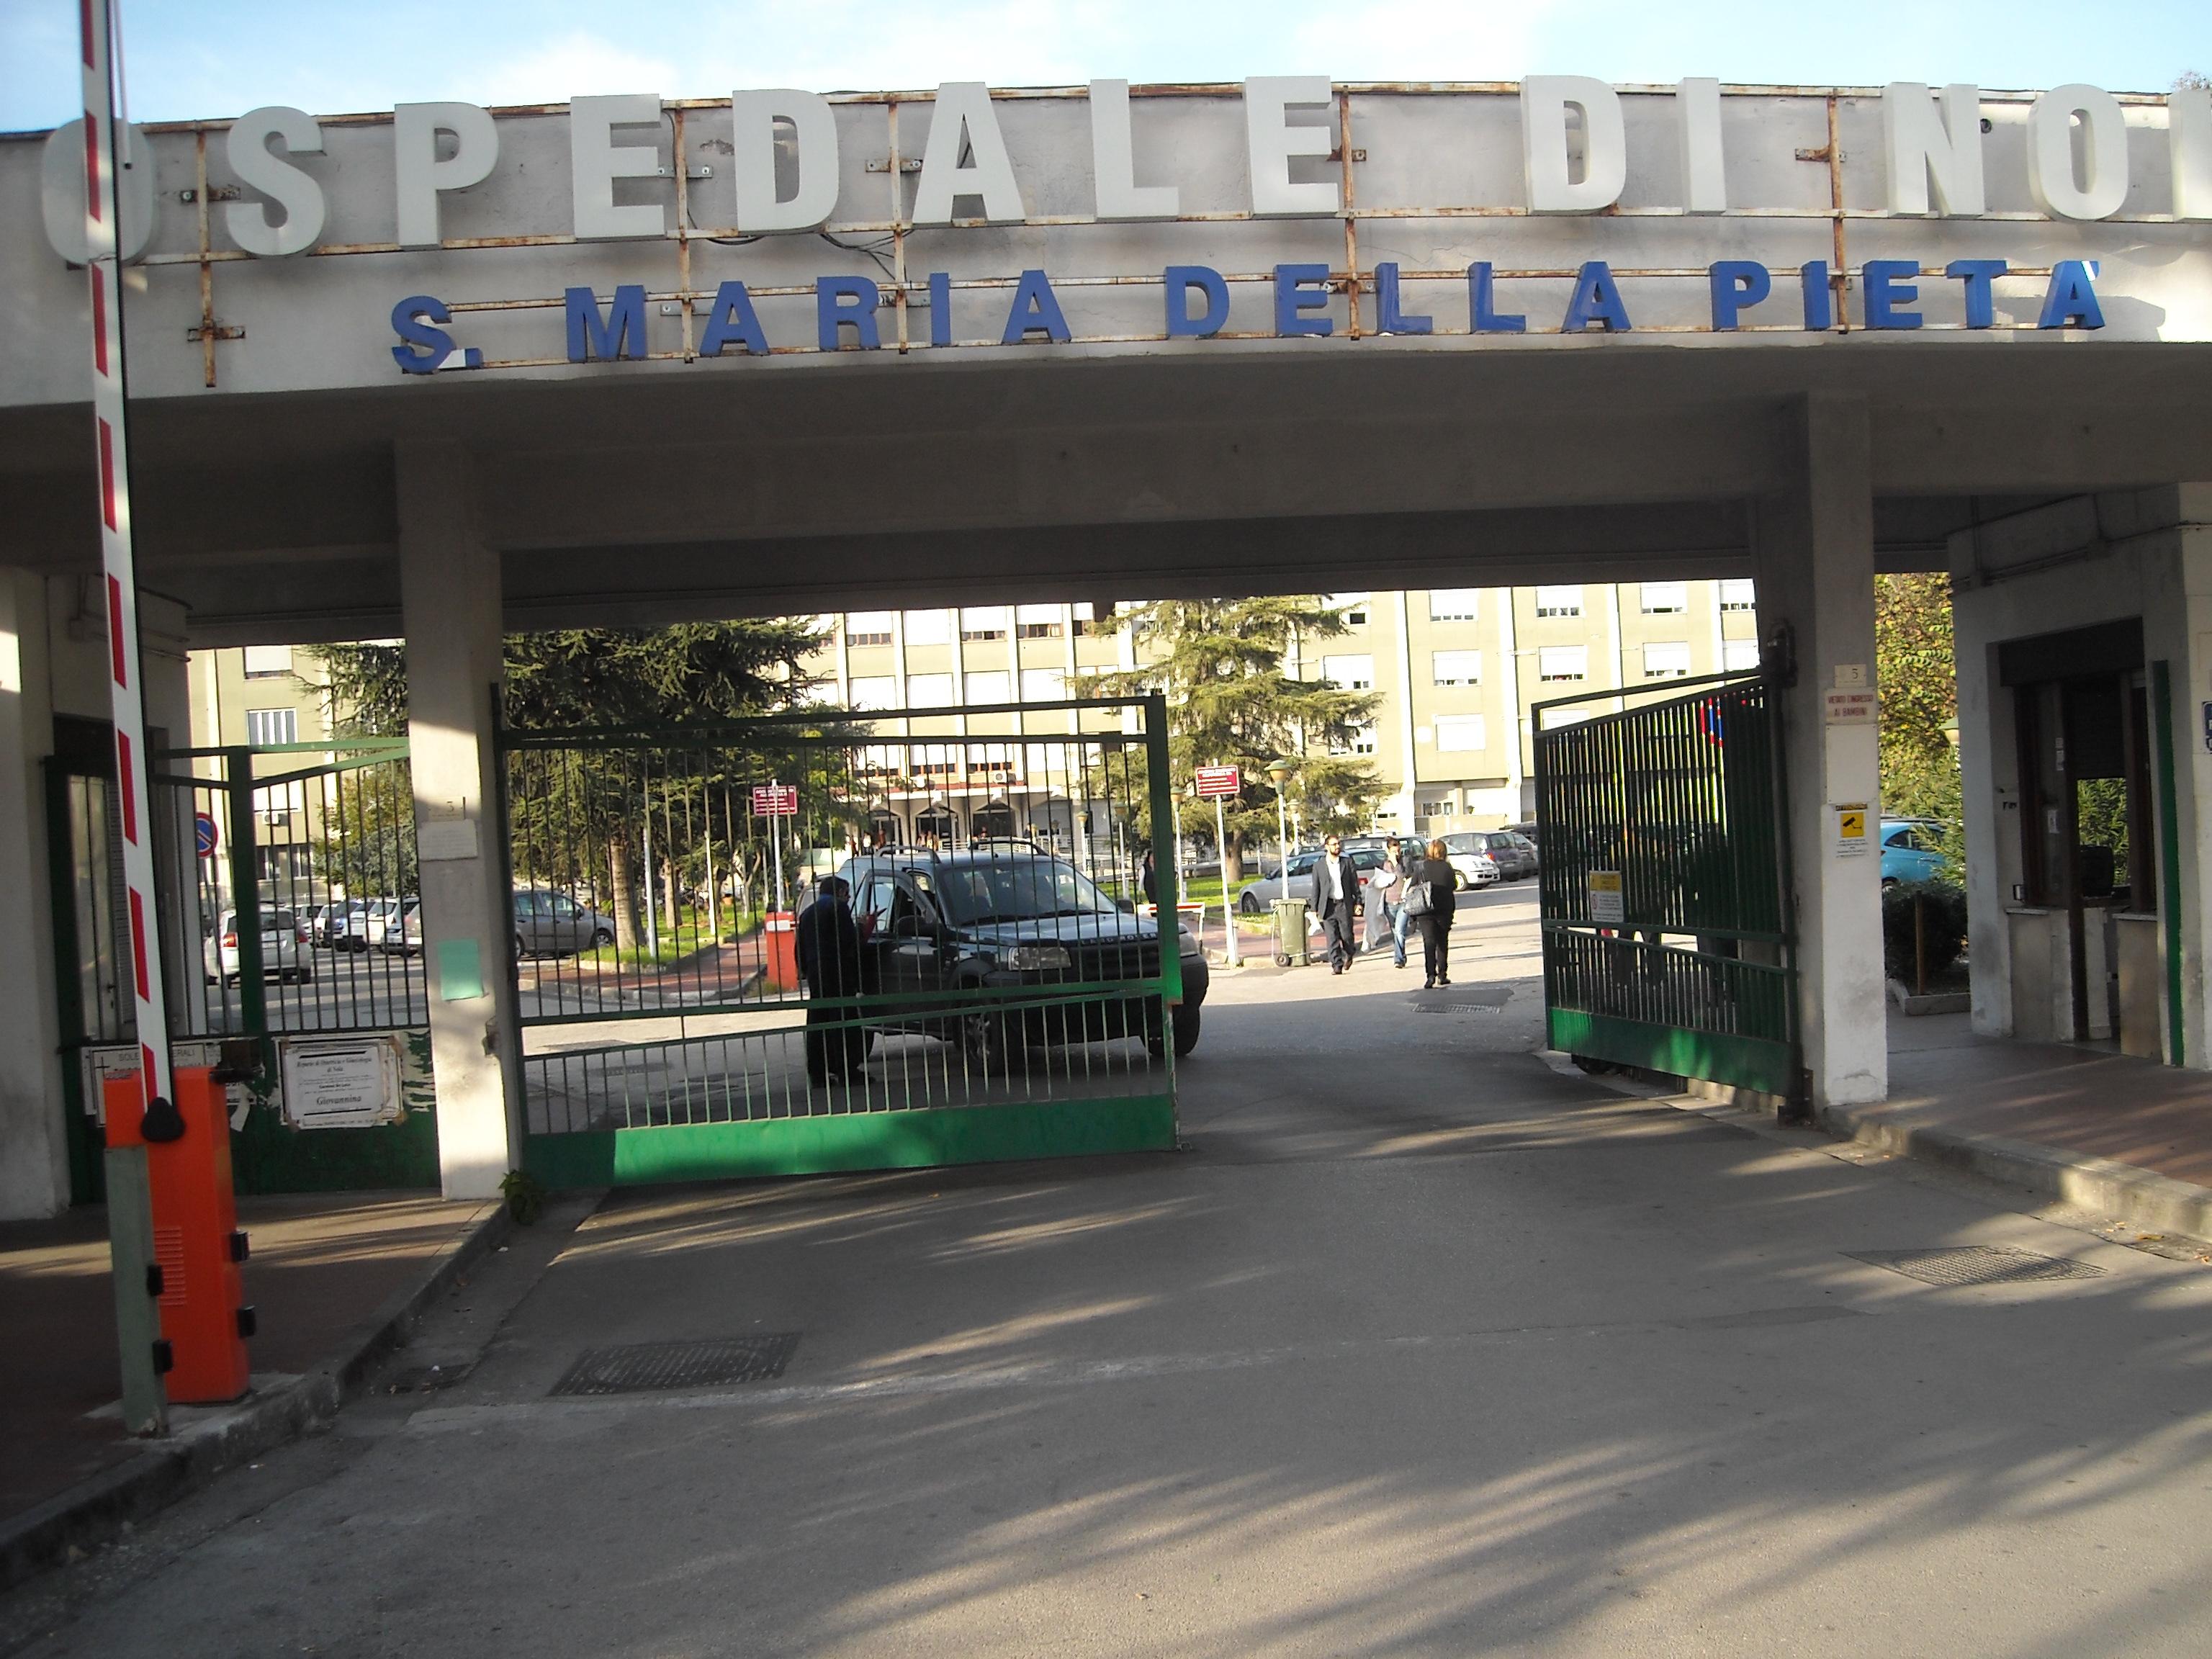 Raid nella notte all'ospedale di Nola: uffici a soqquadro